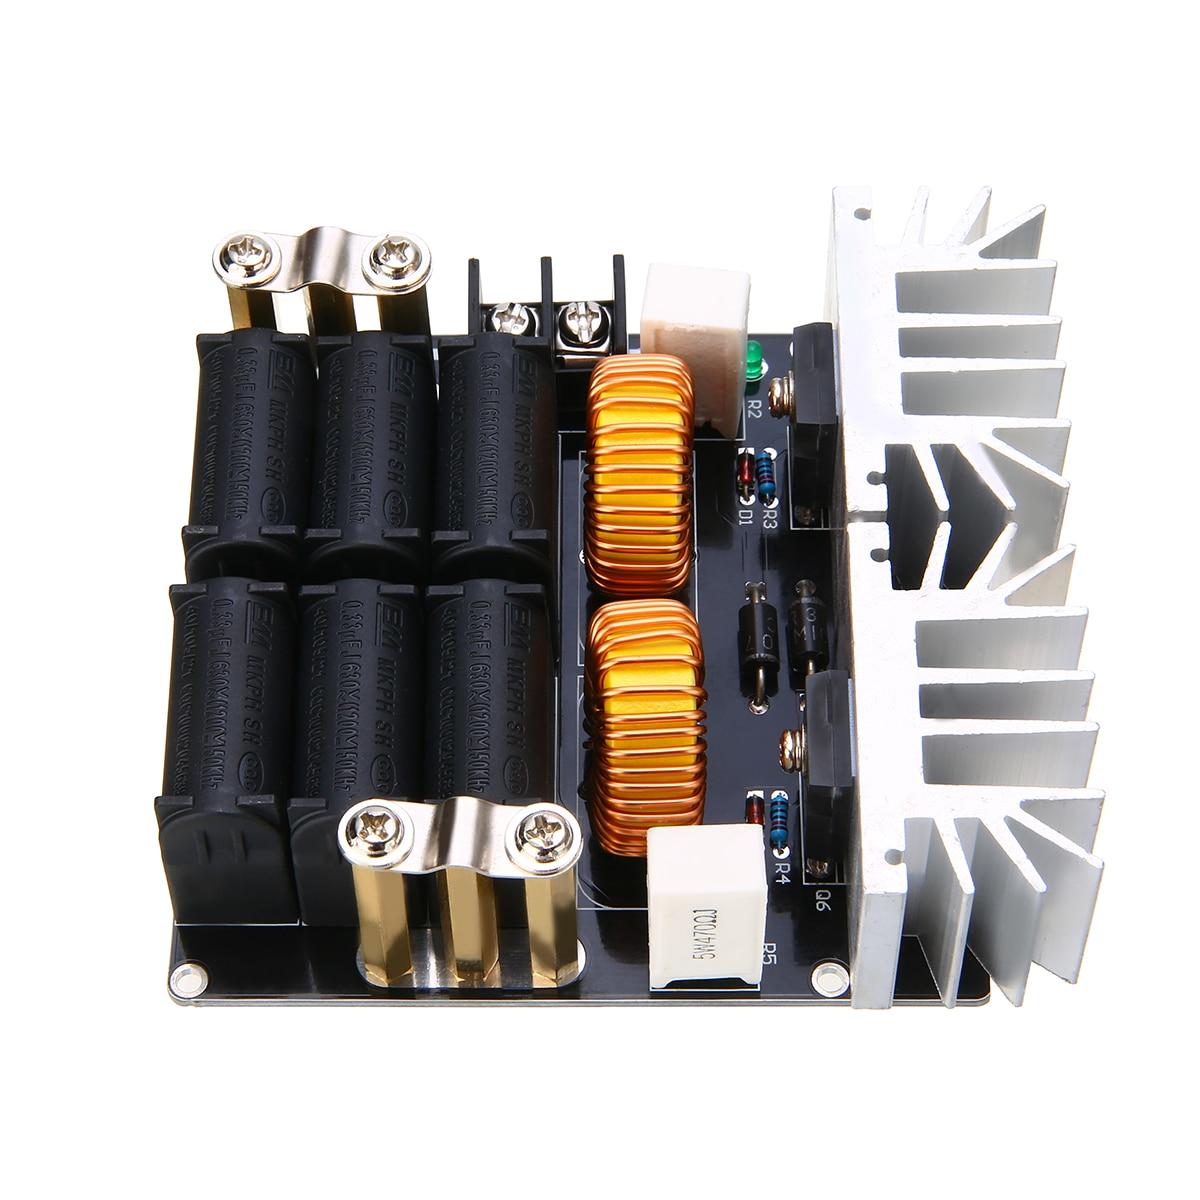 1 pièce/ensemble Durable ZVS 1000 W basse tension Induction Module de chauffage panneau bricolage chauffage avec bobine Tesla pour le traitement de chauffage - 3